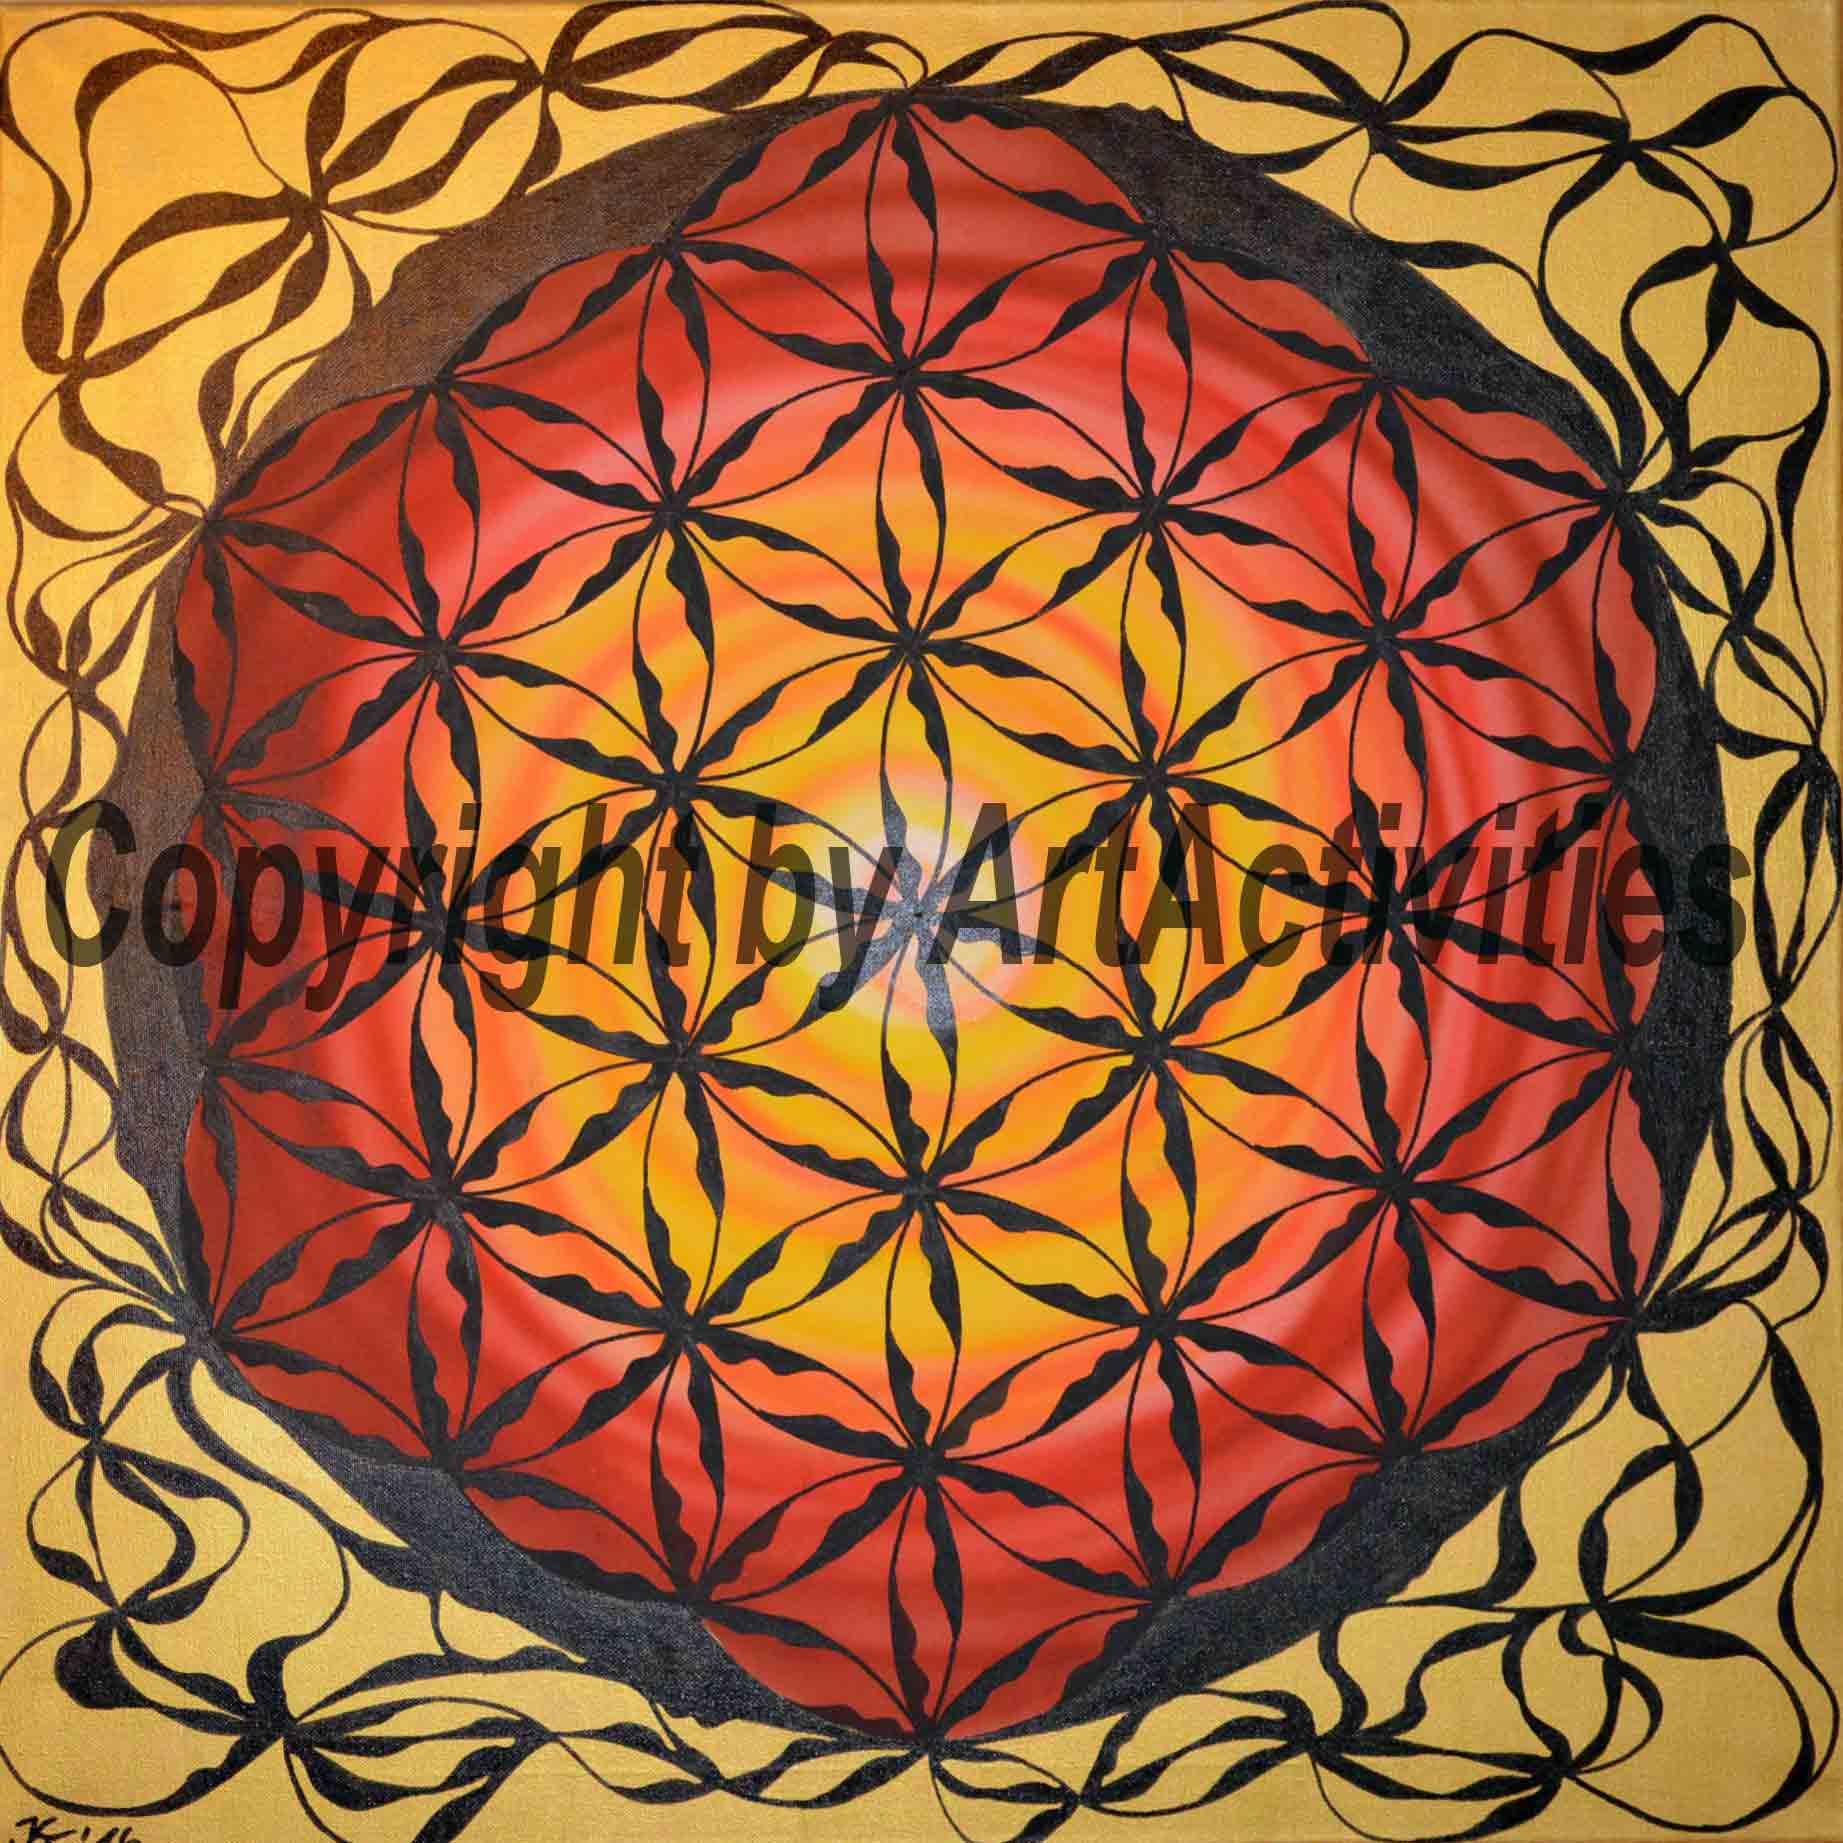 Flower of Life, 70x70cm,  Acryl on canvas